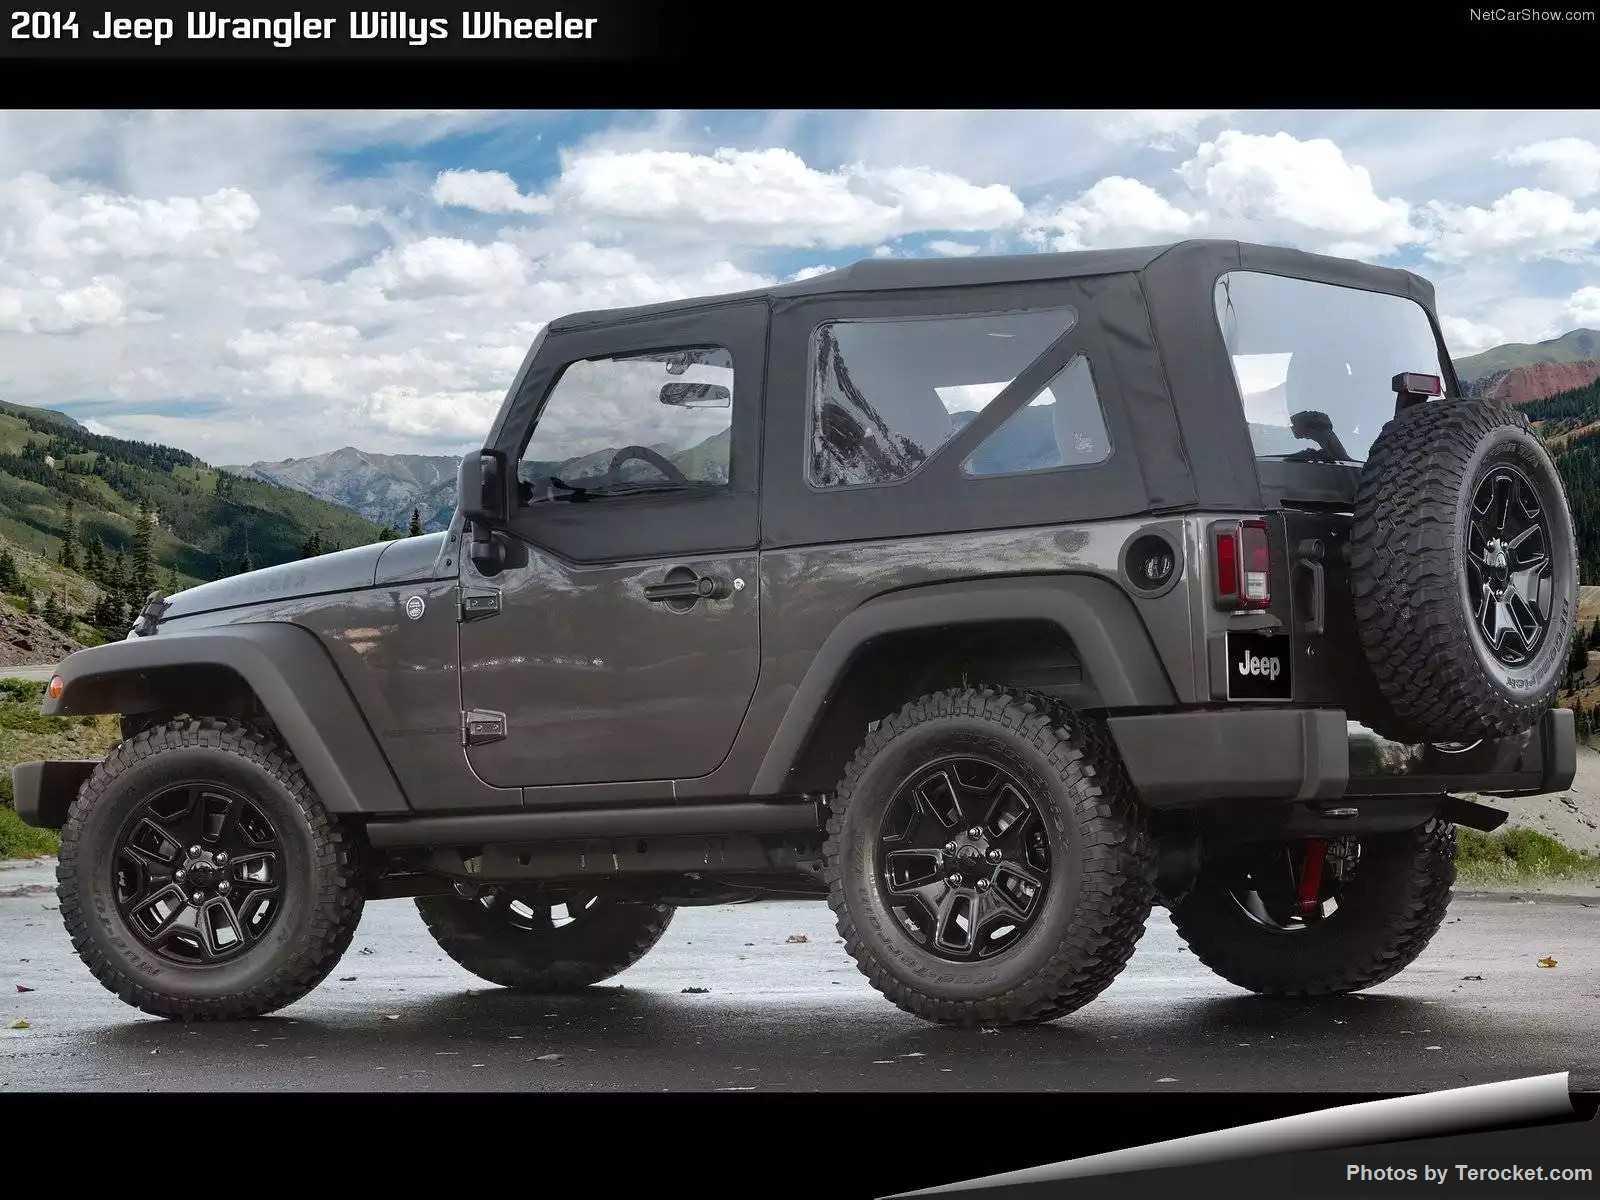 Hình ảnh xe ô tô Jeep Wrangler Willys Wheeler 2014 & nội ngoại thất